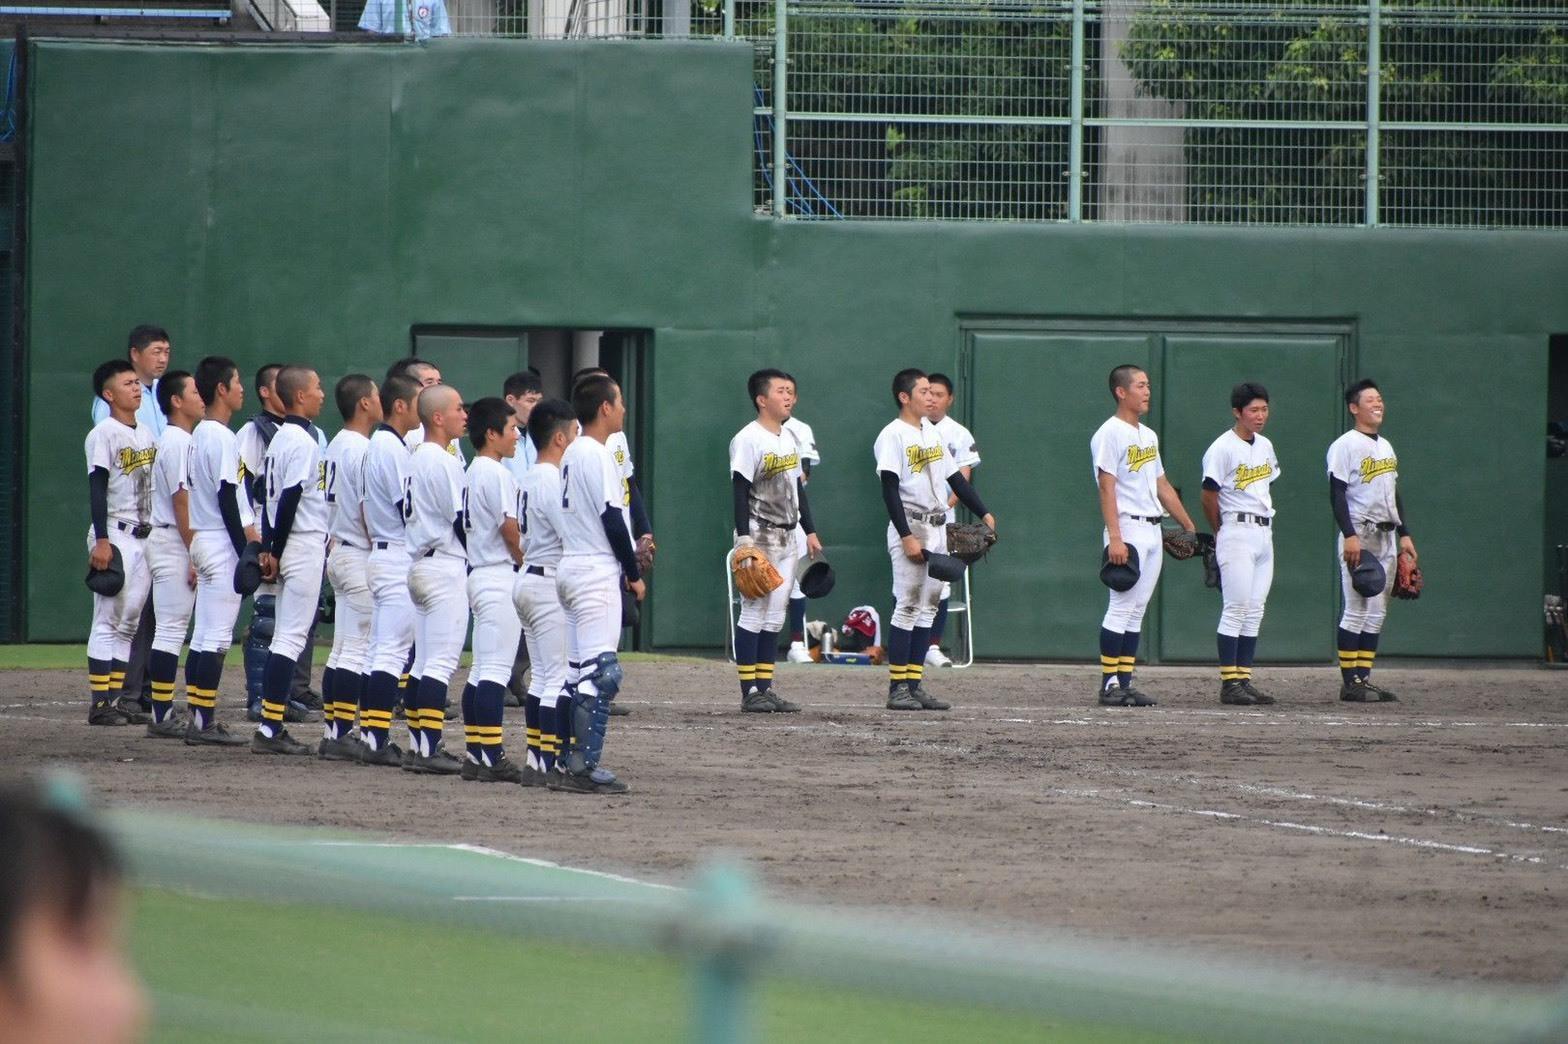 野球 2 ちゃんねる 岡山 高校